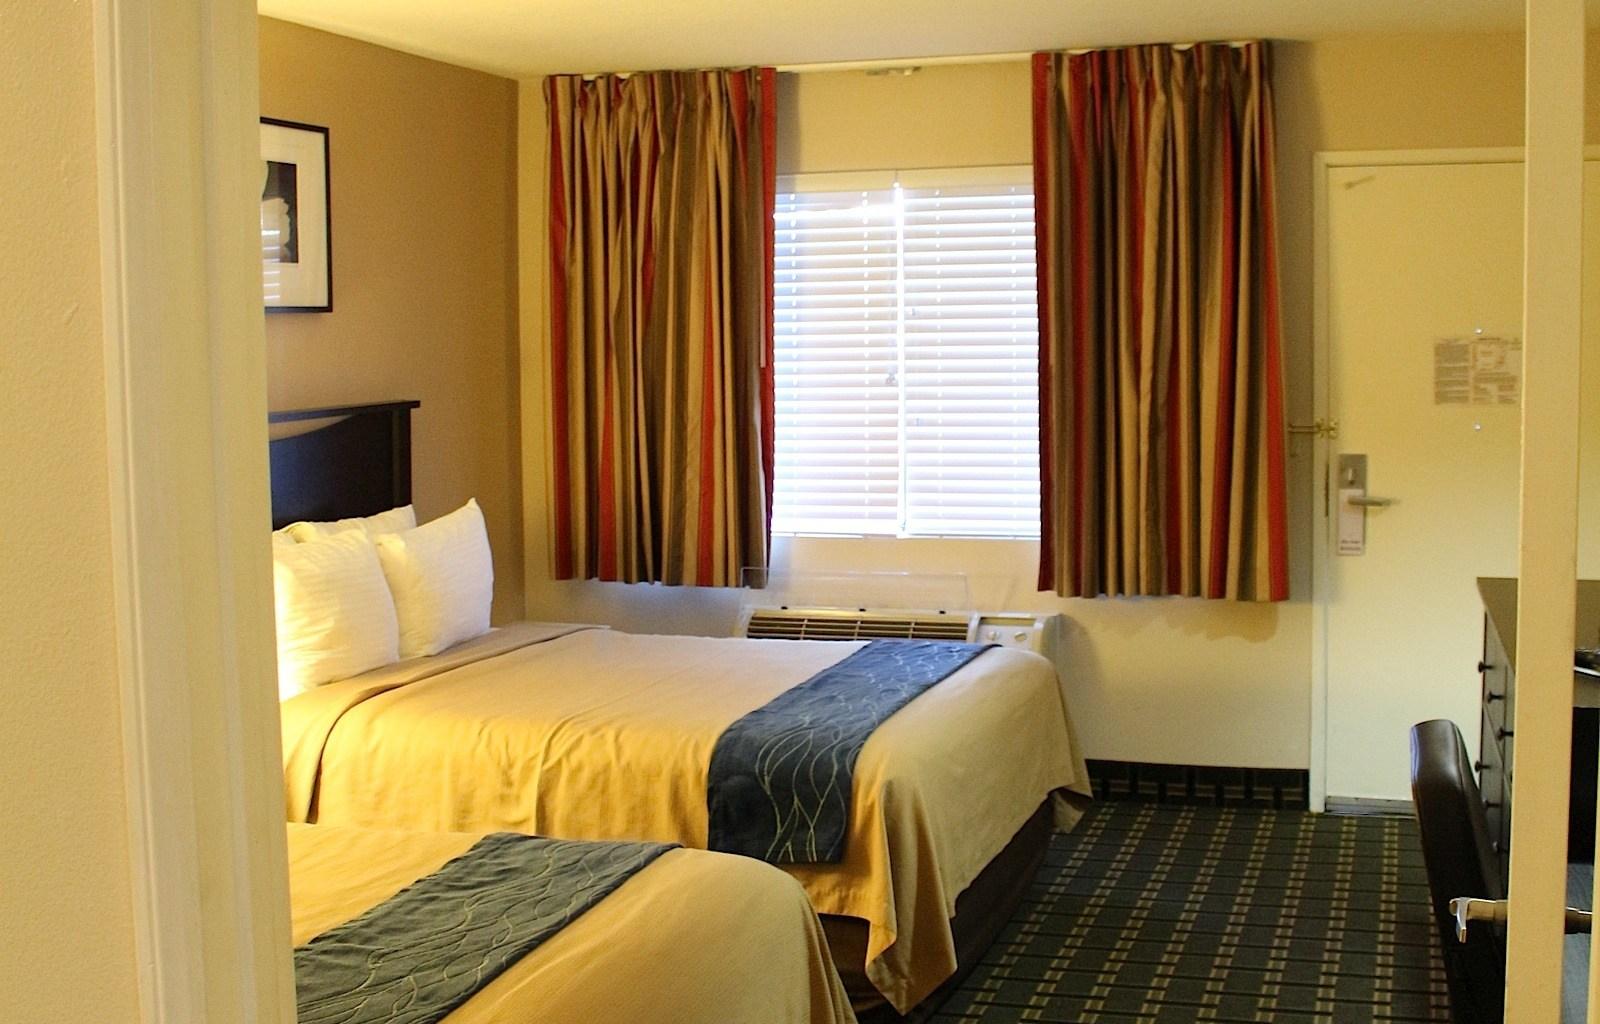 Stanford Inn & Suites image 5